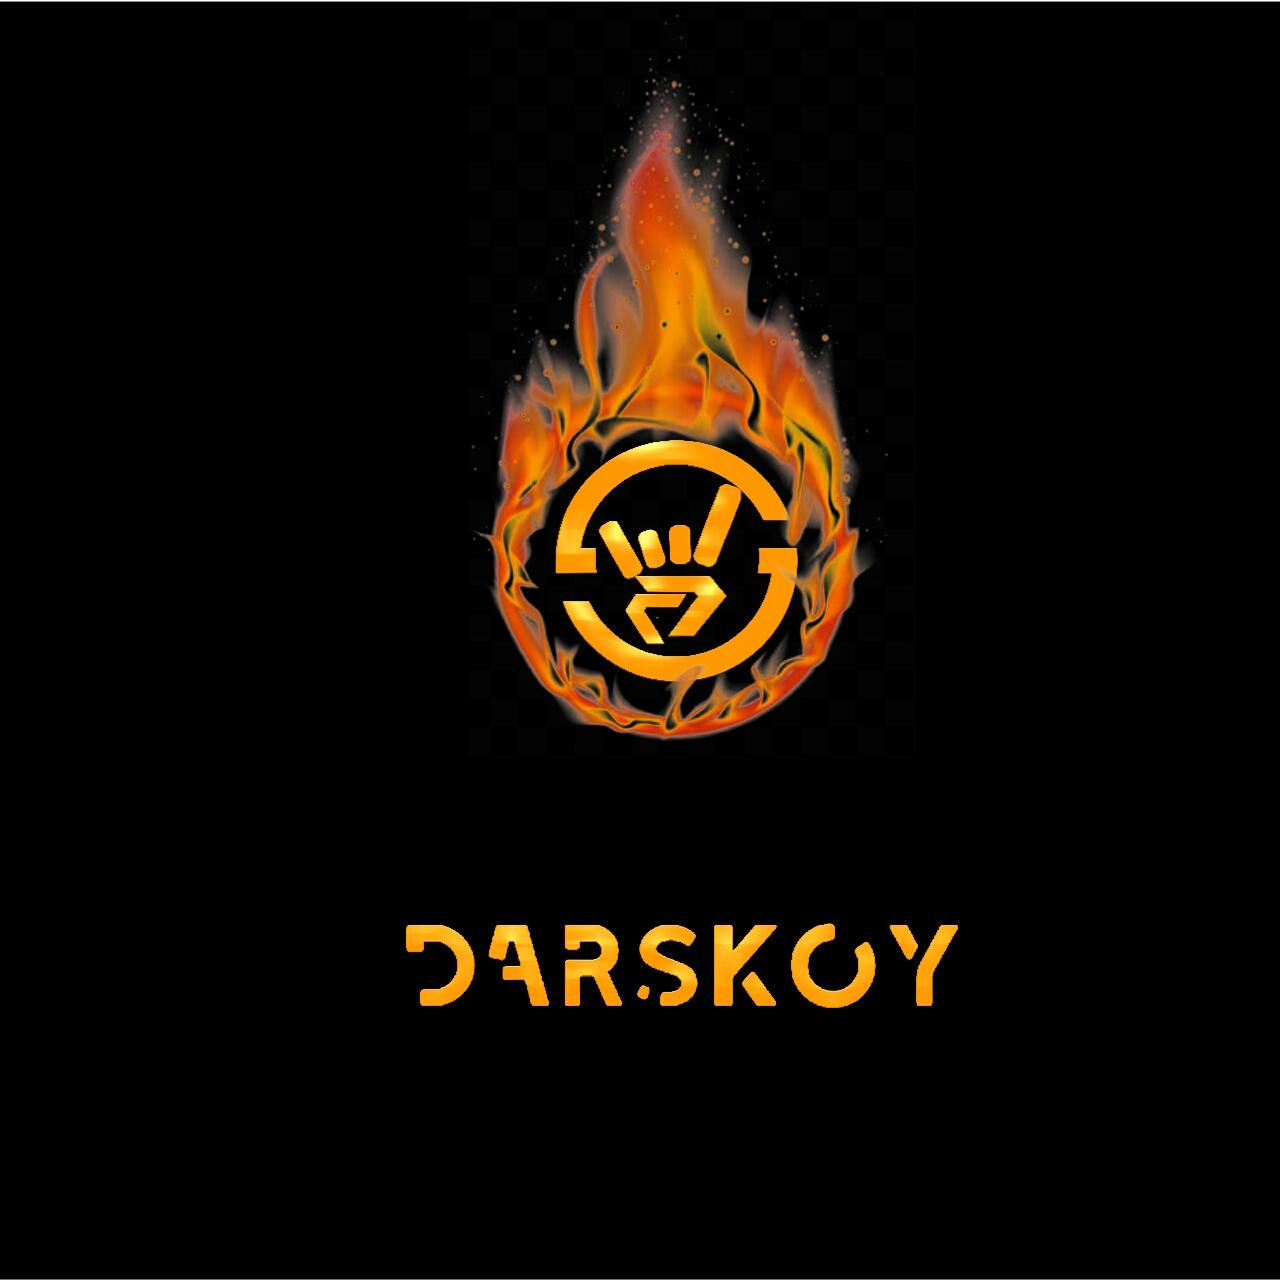 Нарисовать логотип для сольного музыкального проекта фото f_3355ba881d45cba4.jpg